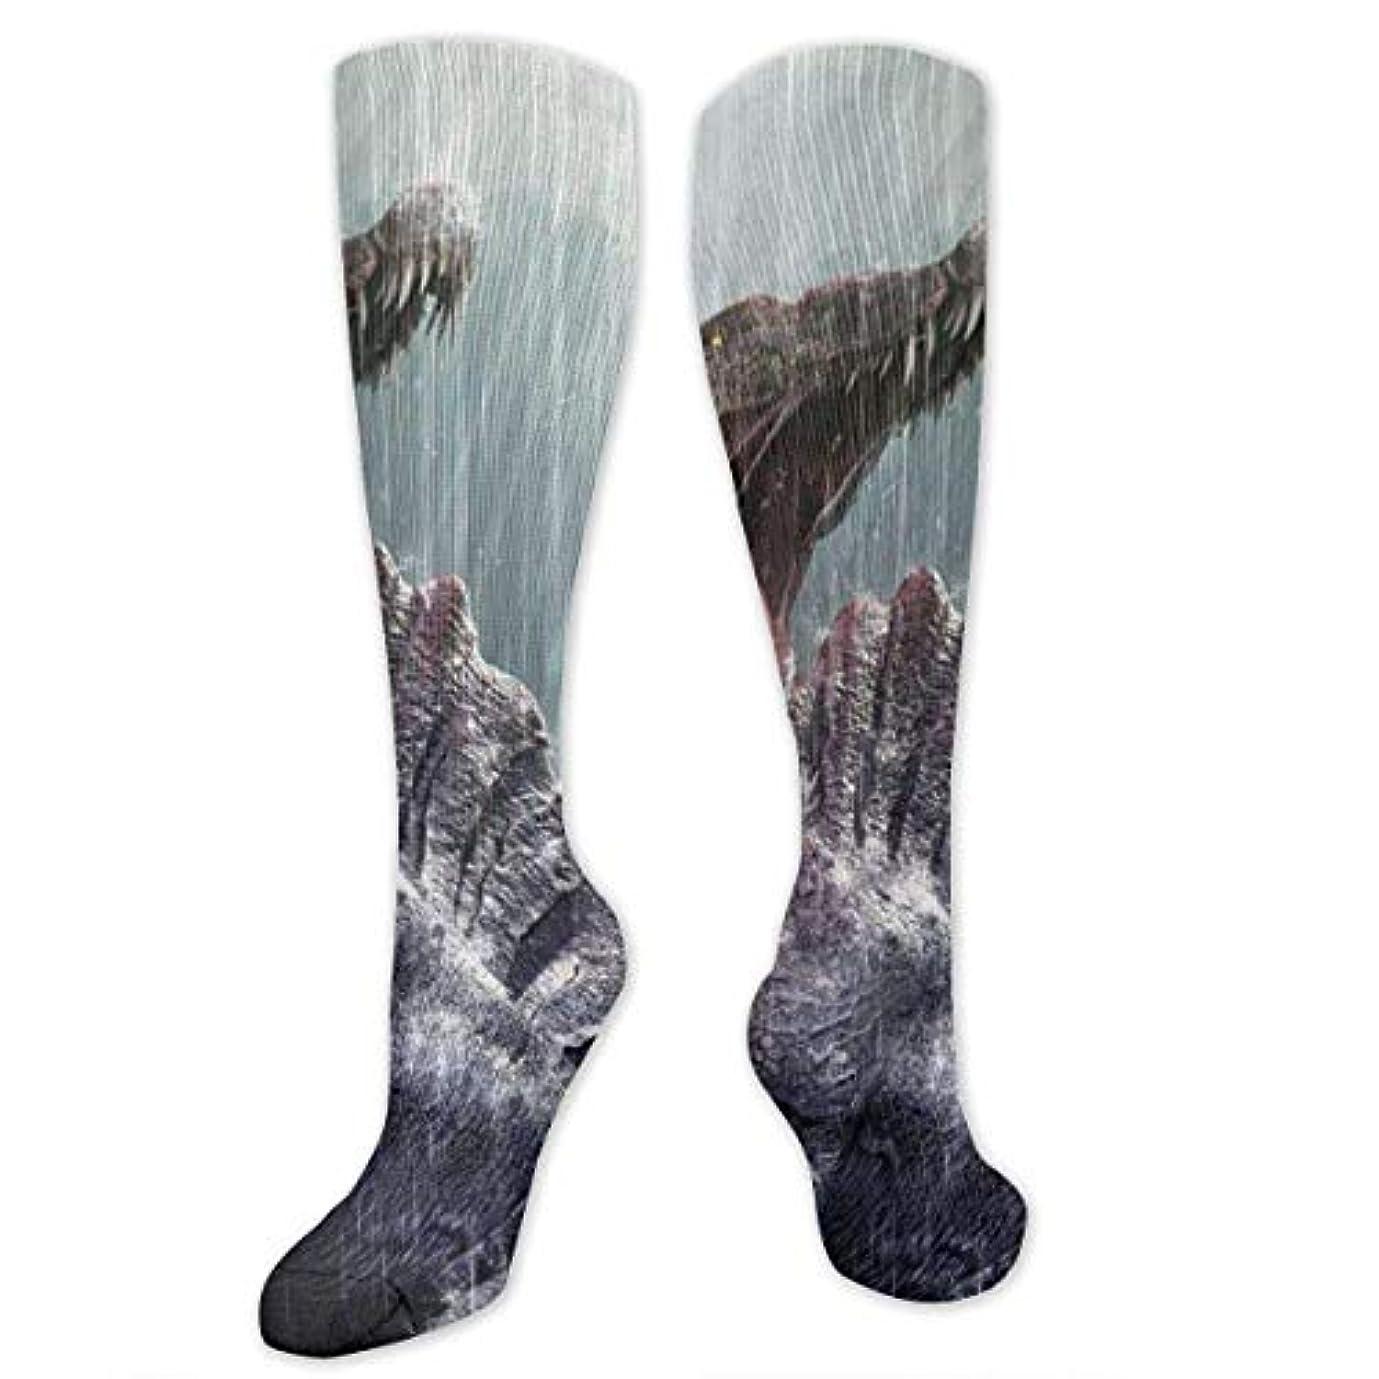 賢い呼び起こす気候靴下,ストッキング,野生のジョーカー,実際,秋の本質,冬必須,サマーウェア&RBXAA Spinosaurus Coming Interest Socks Women's Winter Cotton Long Tube...